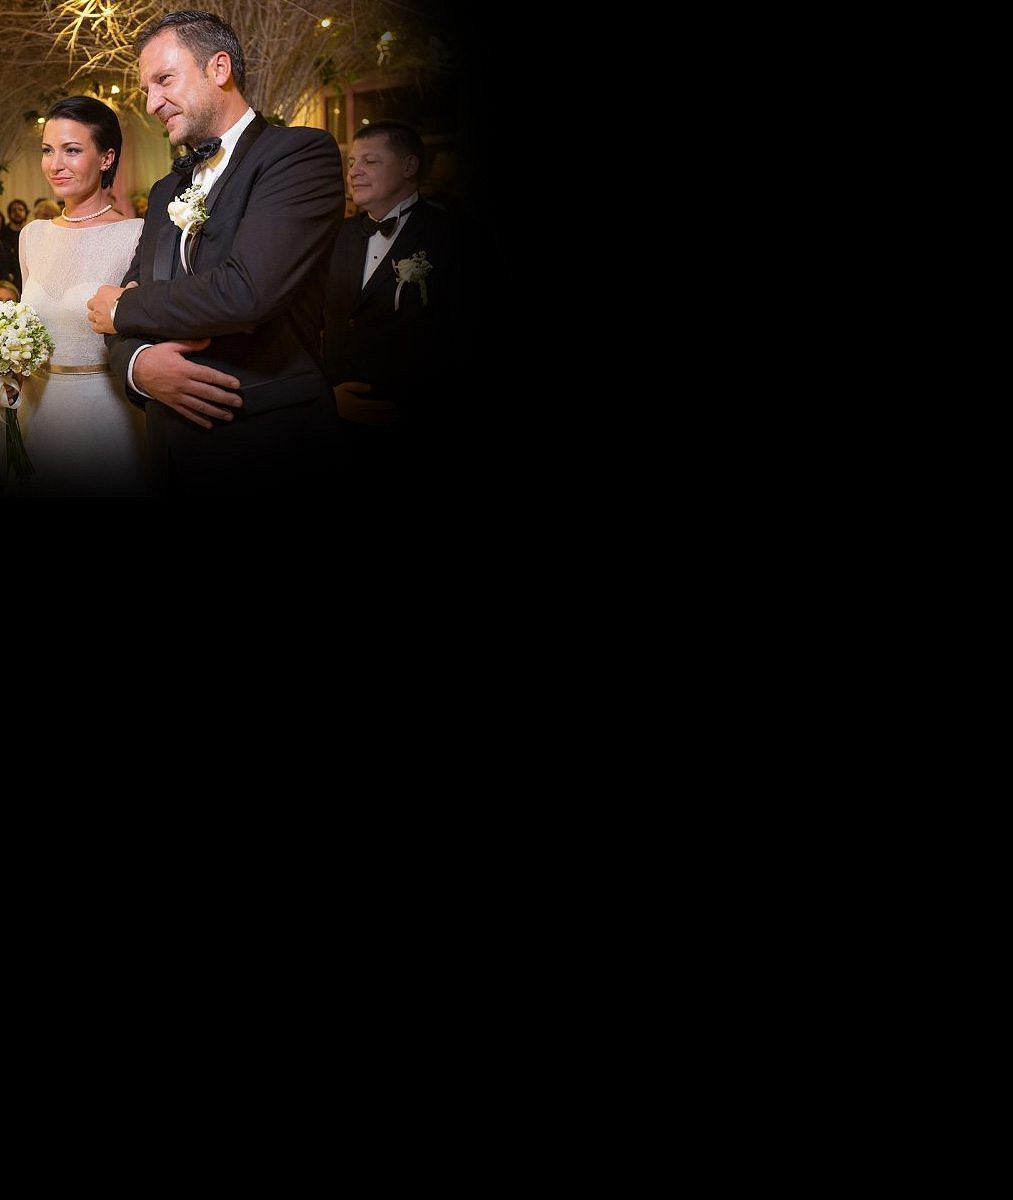 Partyšová brzy oslaví rok manželství s bohatým podnikatelem: Jak jim to klape?